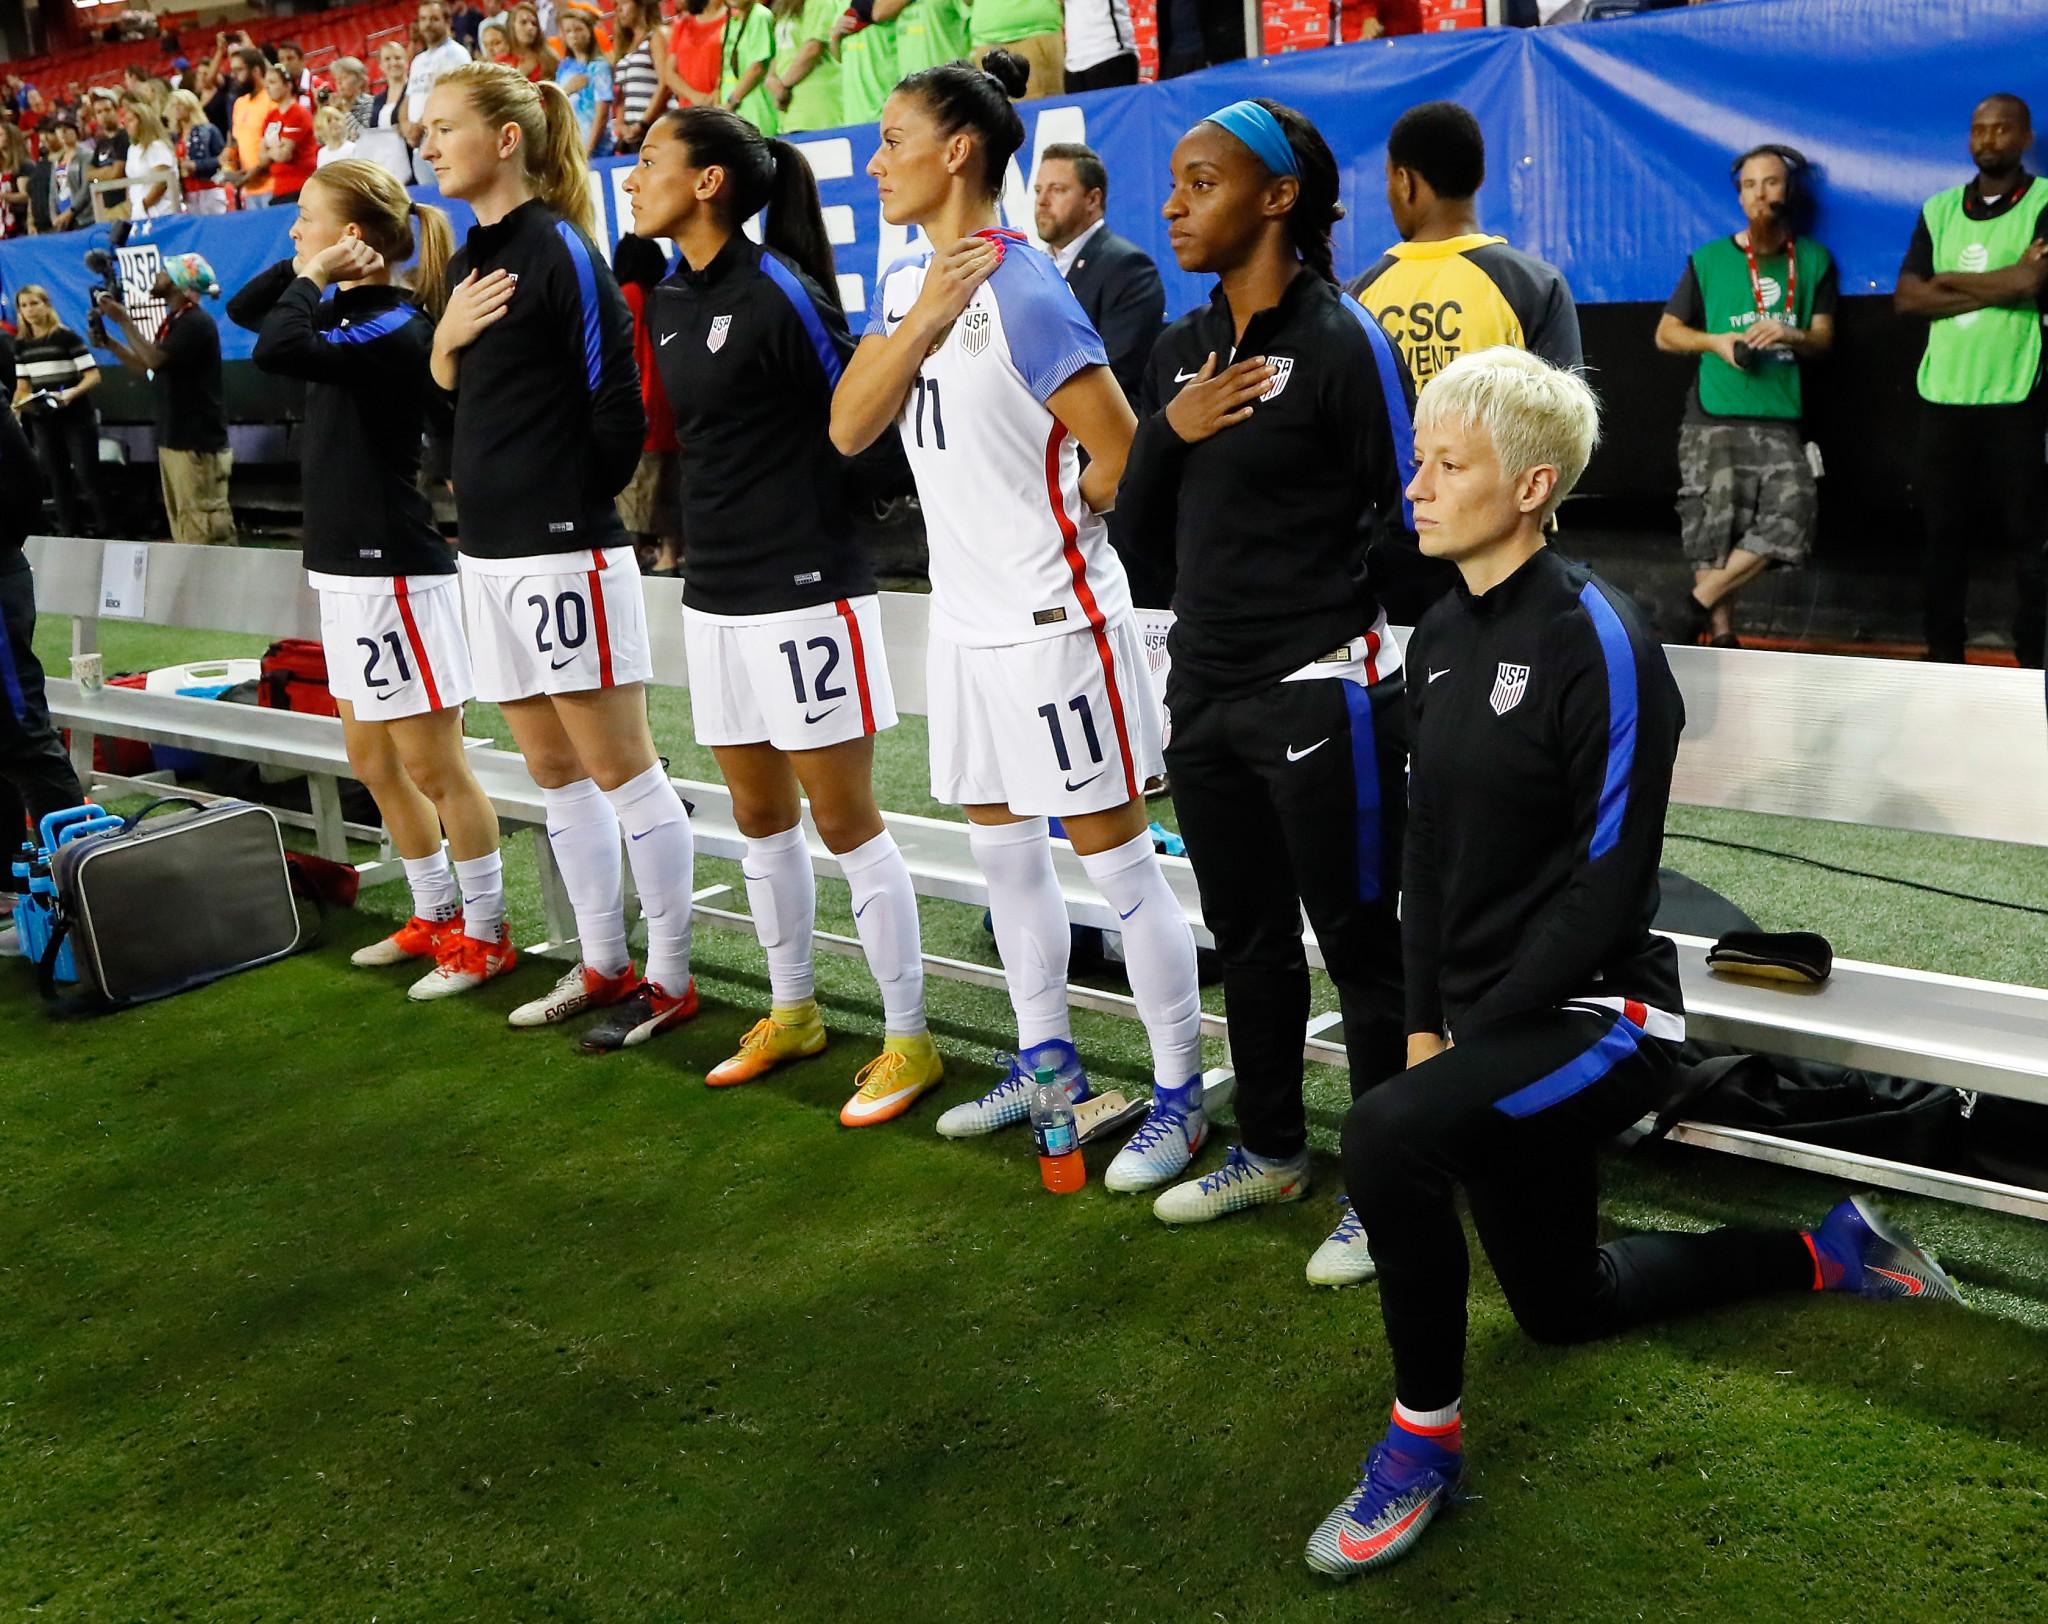 US Soccer backtracks on rule banning kneeling during national anthem